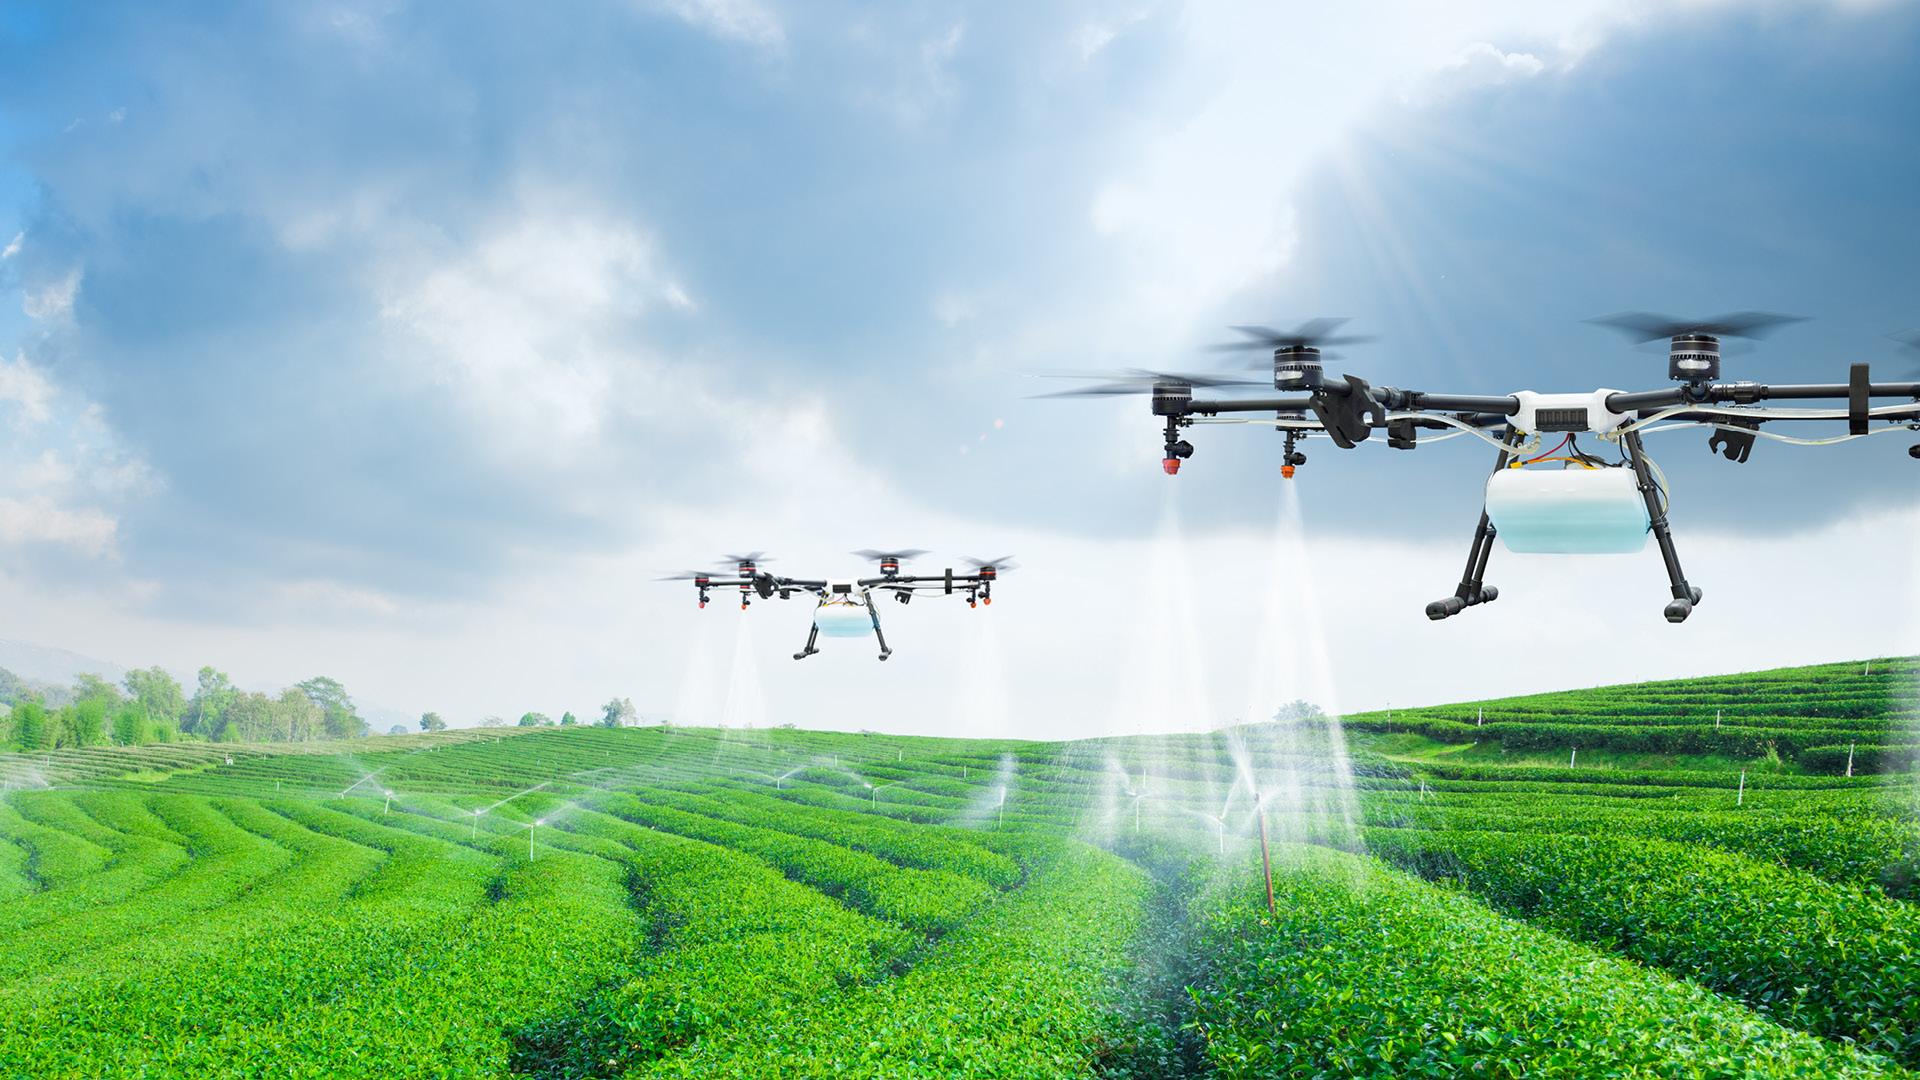 Tendencias en el sector agroalimentario: Una mirada al futuro del campo